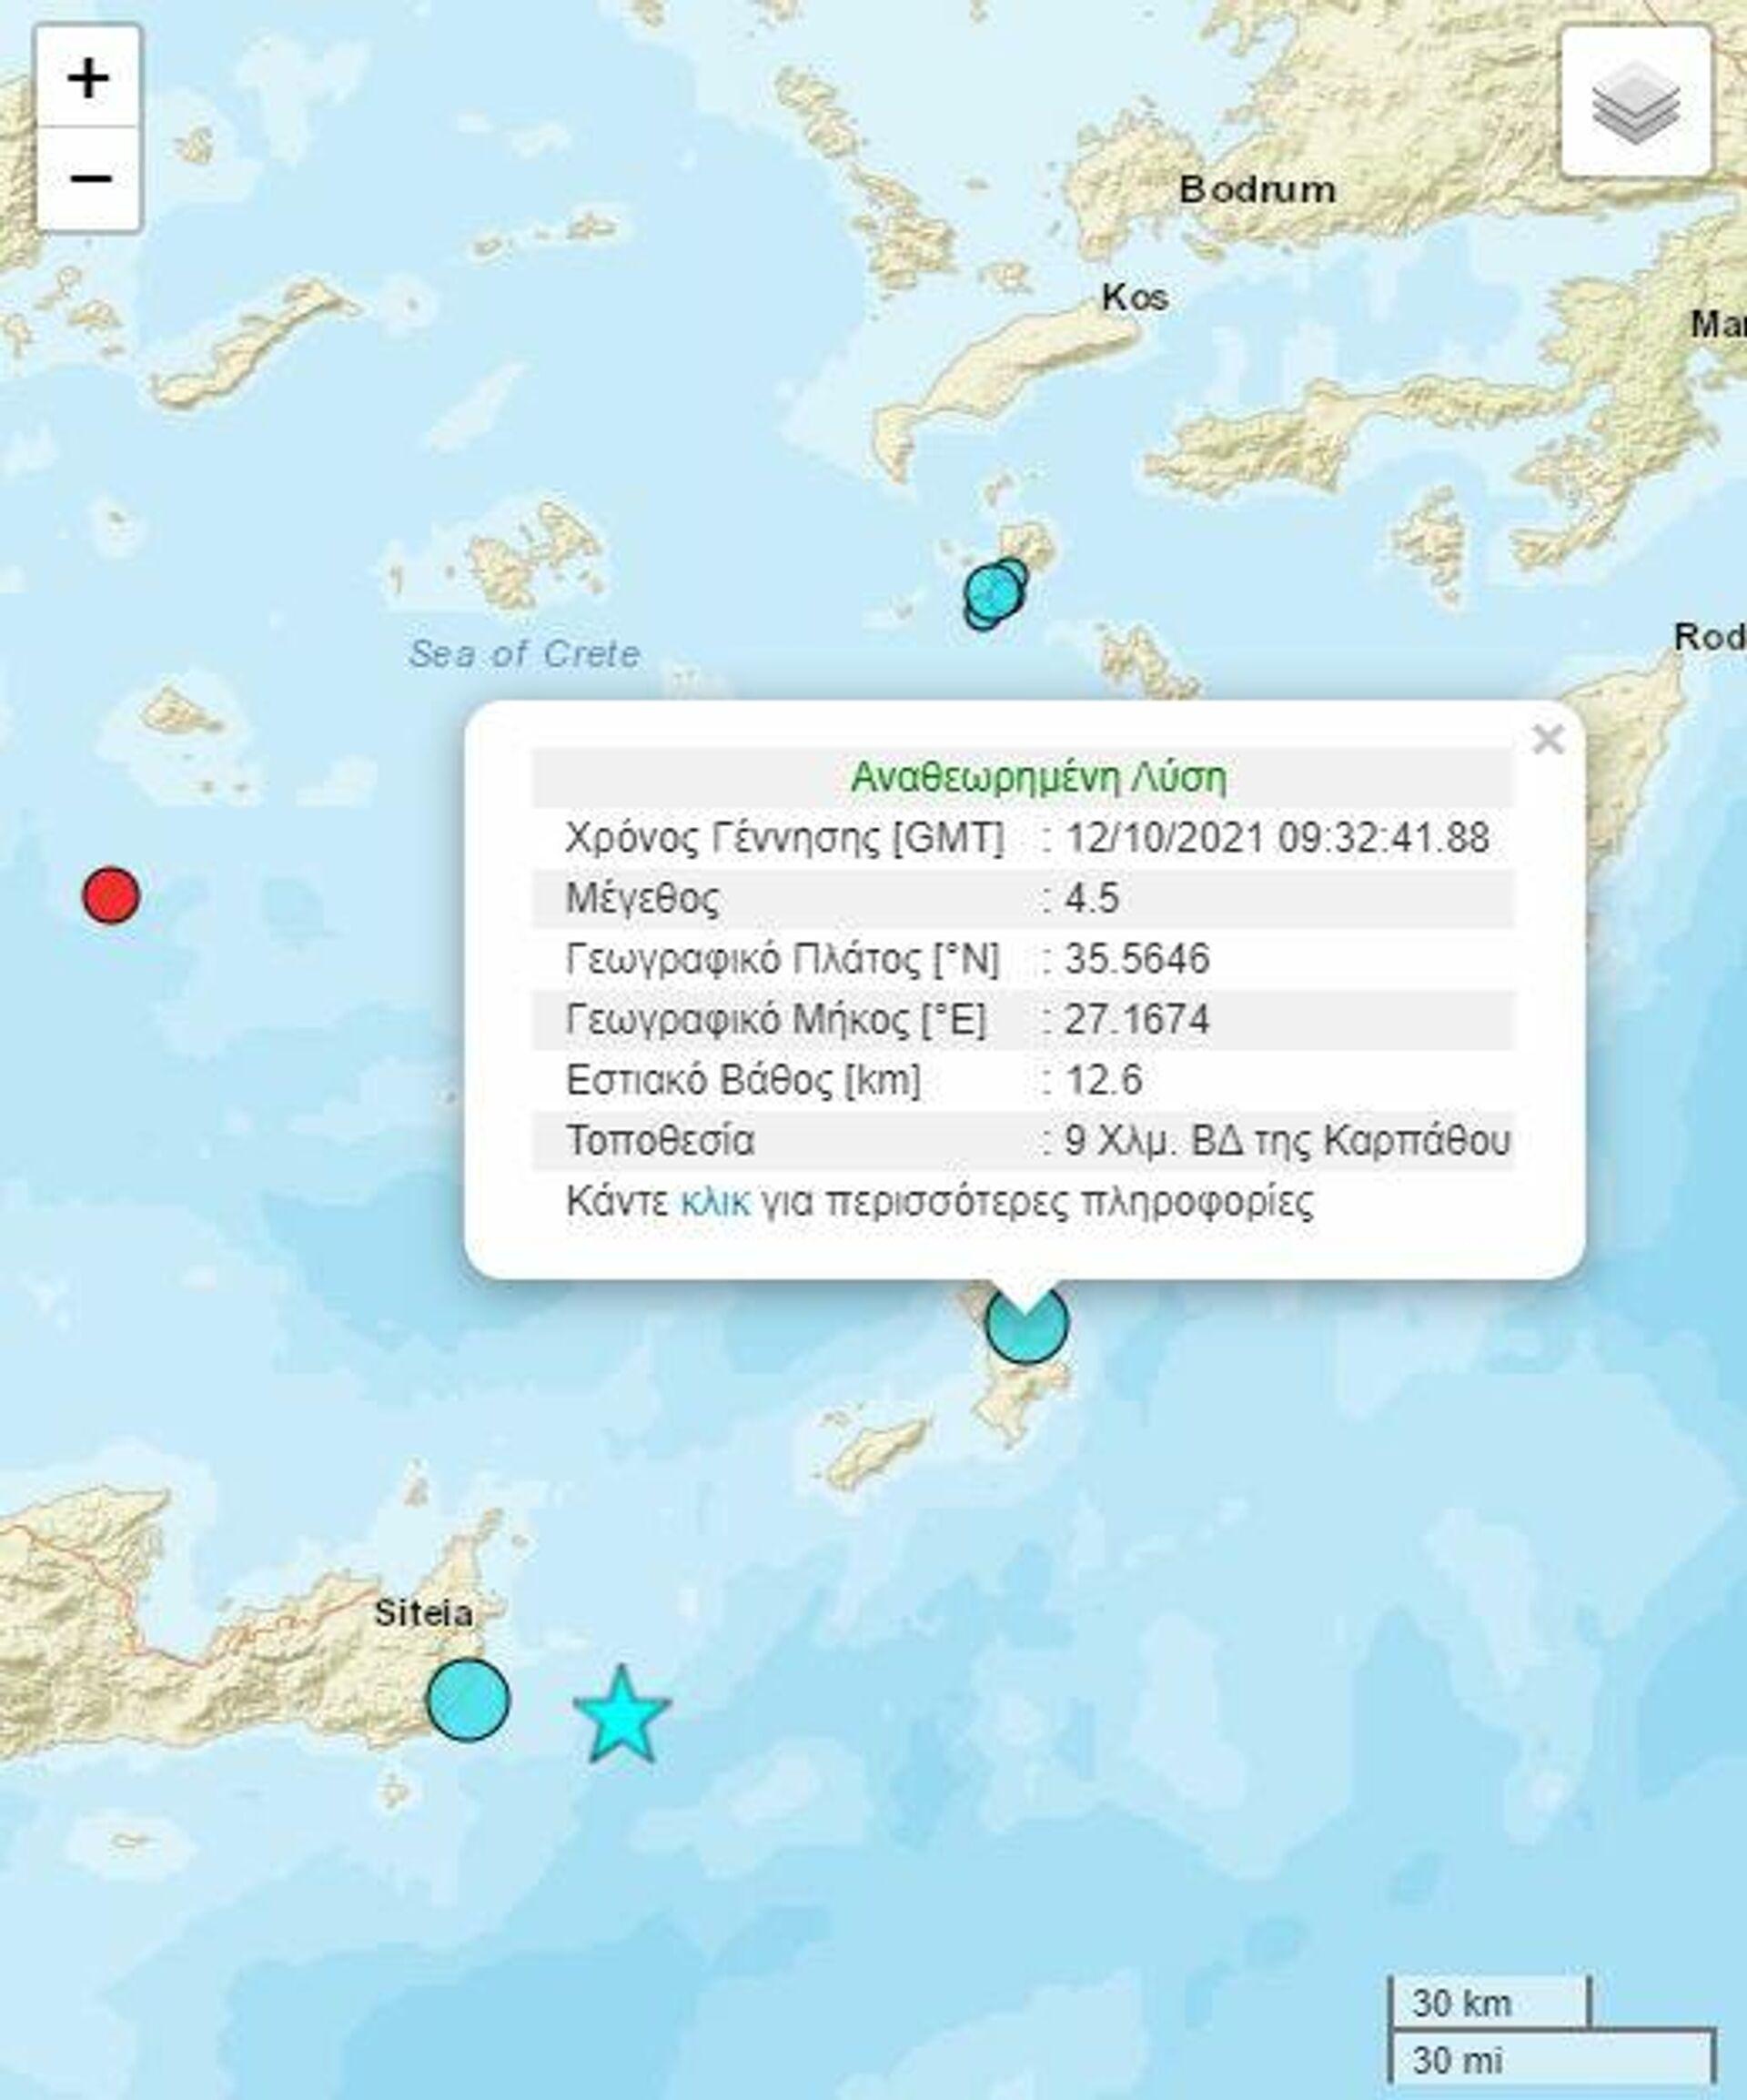 Σεισμός στην Κάρπαθο - Sputnik Ελλάδα, 1920, 12.10.2021